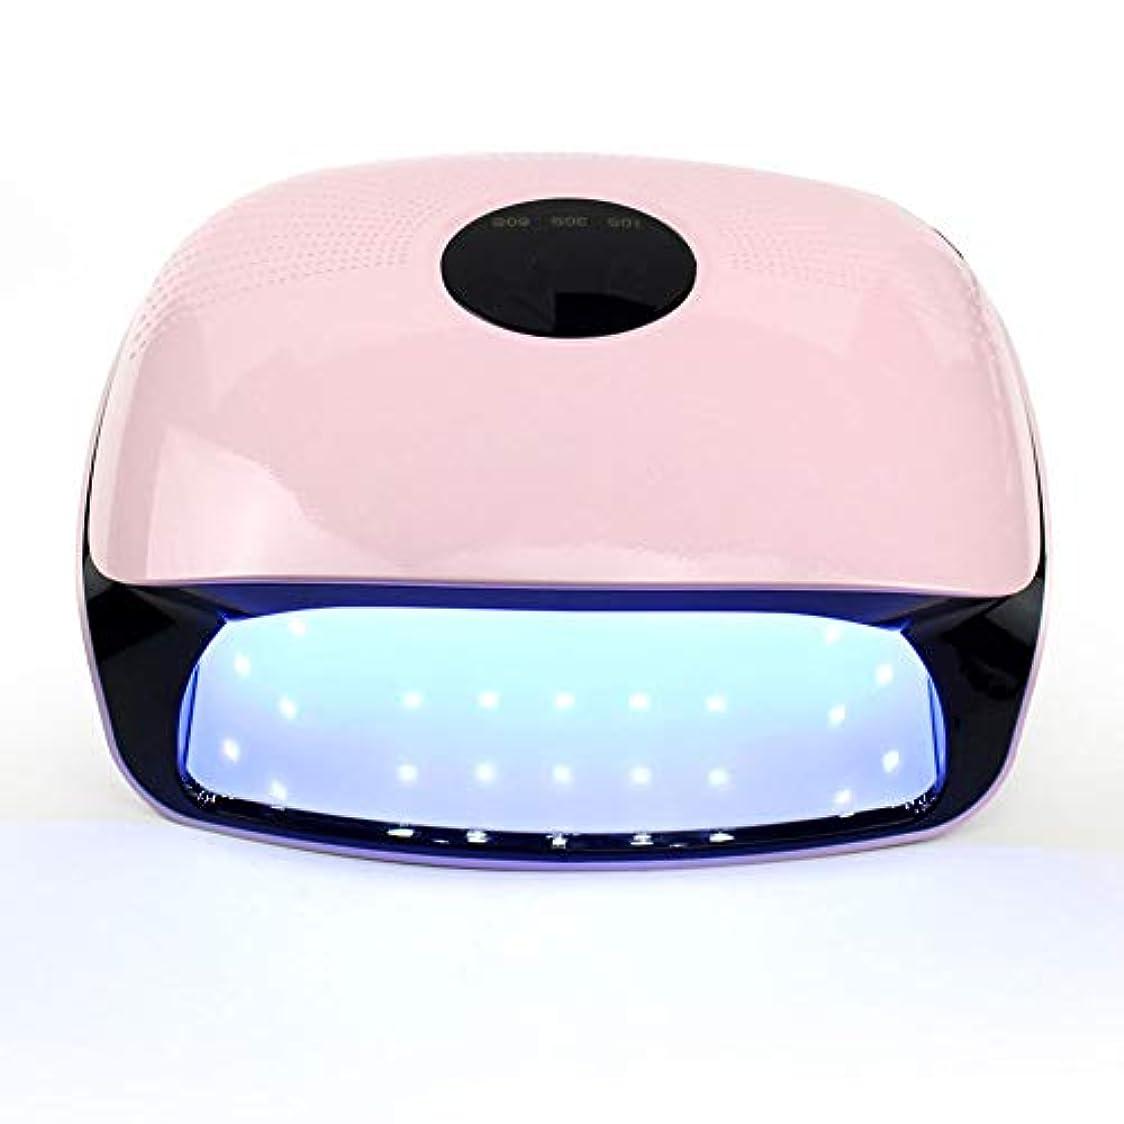 サイクロプス魔術師日記ネイルドライヤー - 温度保護第3ギアタイミング無痛モード36 LGランプビーズ速乾性機上のLED光線療法機48W